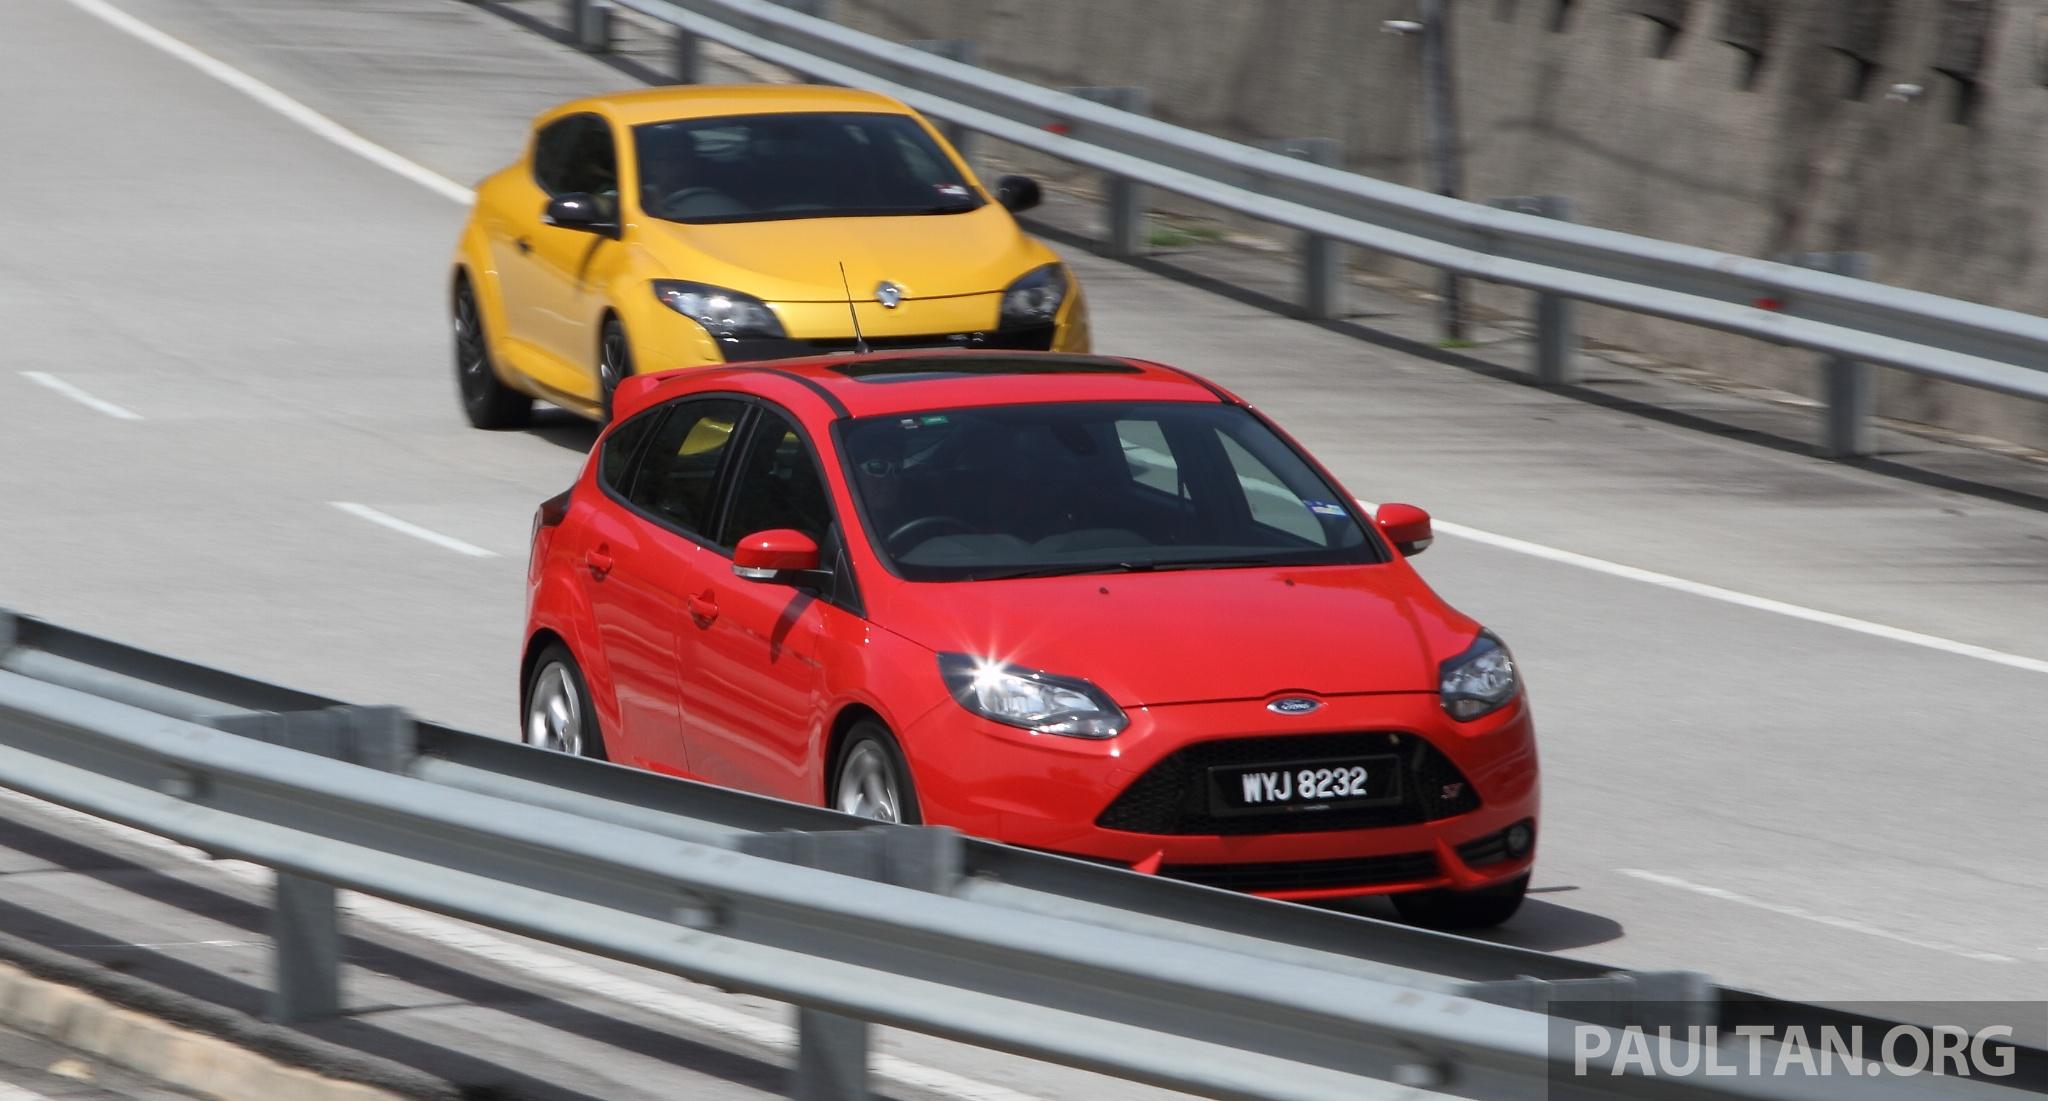 driven ford focus st vs renault megane rs 265 paul tan image 224655. Black Bedroom Furniture Sets. Home Design Ideas